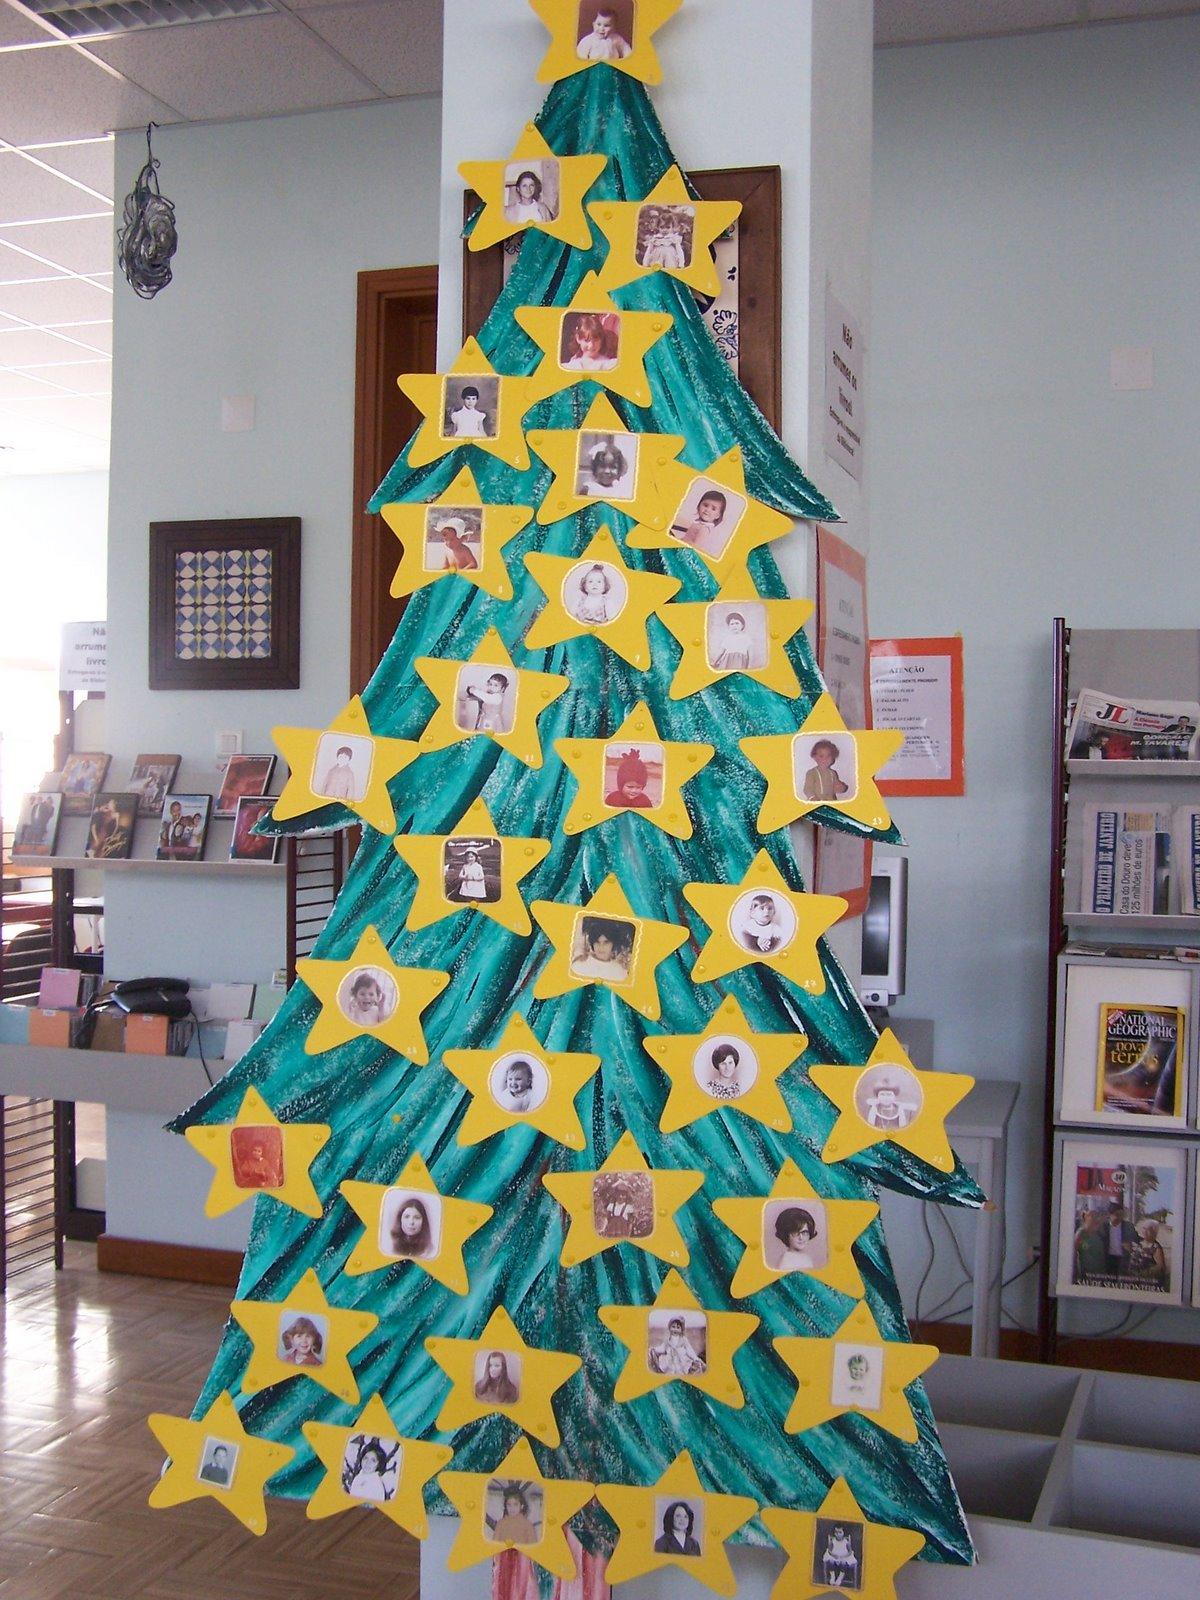 Professora Juce Decoraç u00e3o de Natal para porta da sala de aula # Decoração De Natal Simples Escola